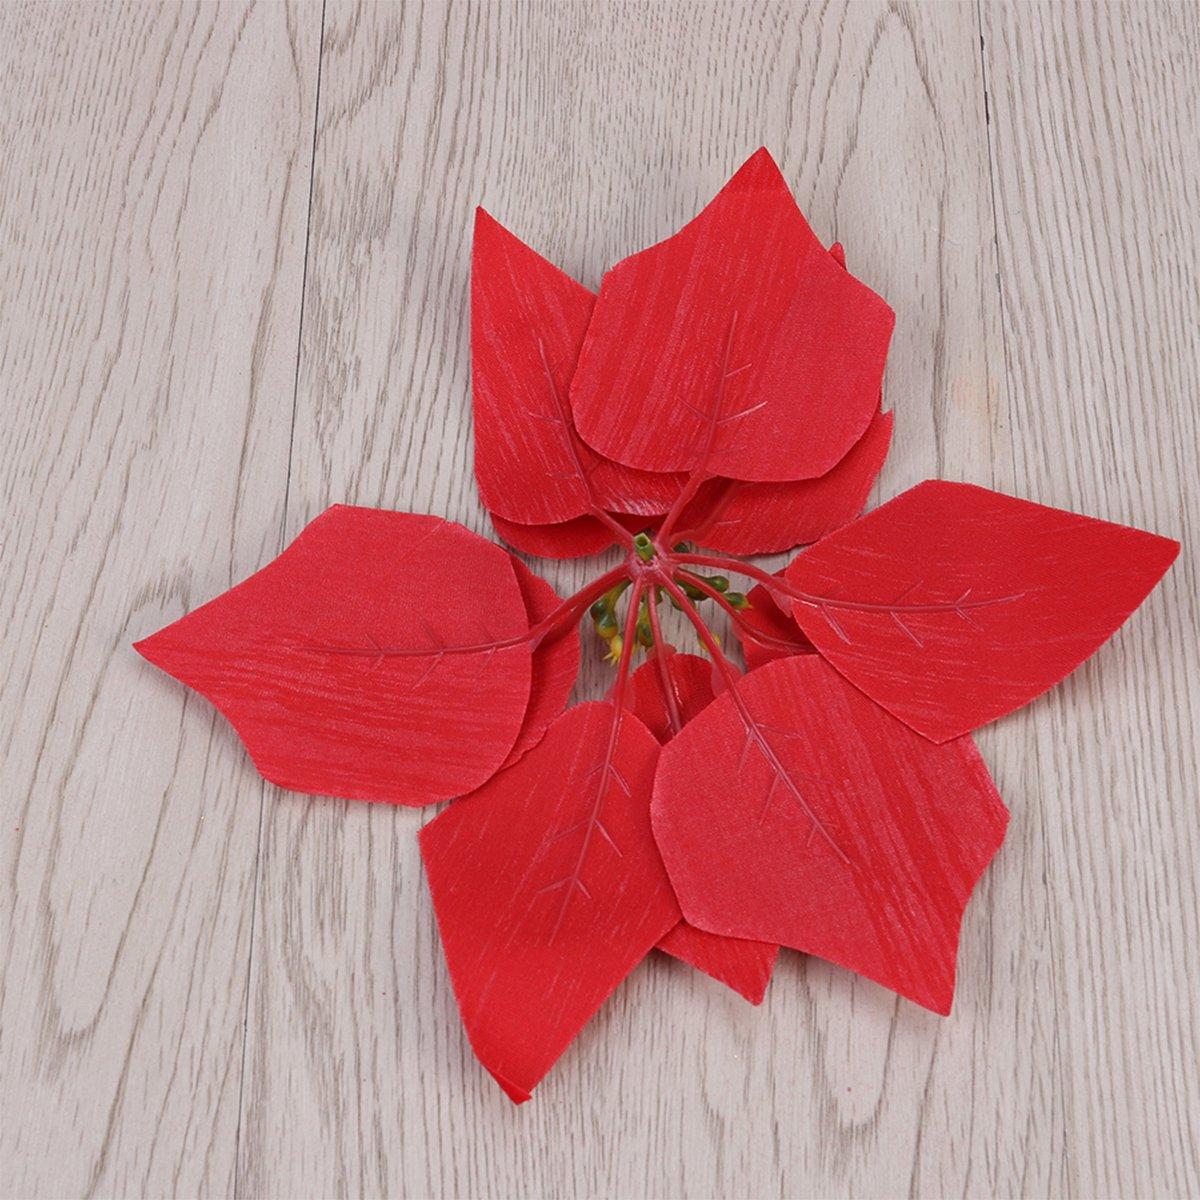 Amazon Vorcool 50pcs Artificial Poinsettia Floral Heads